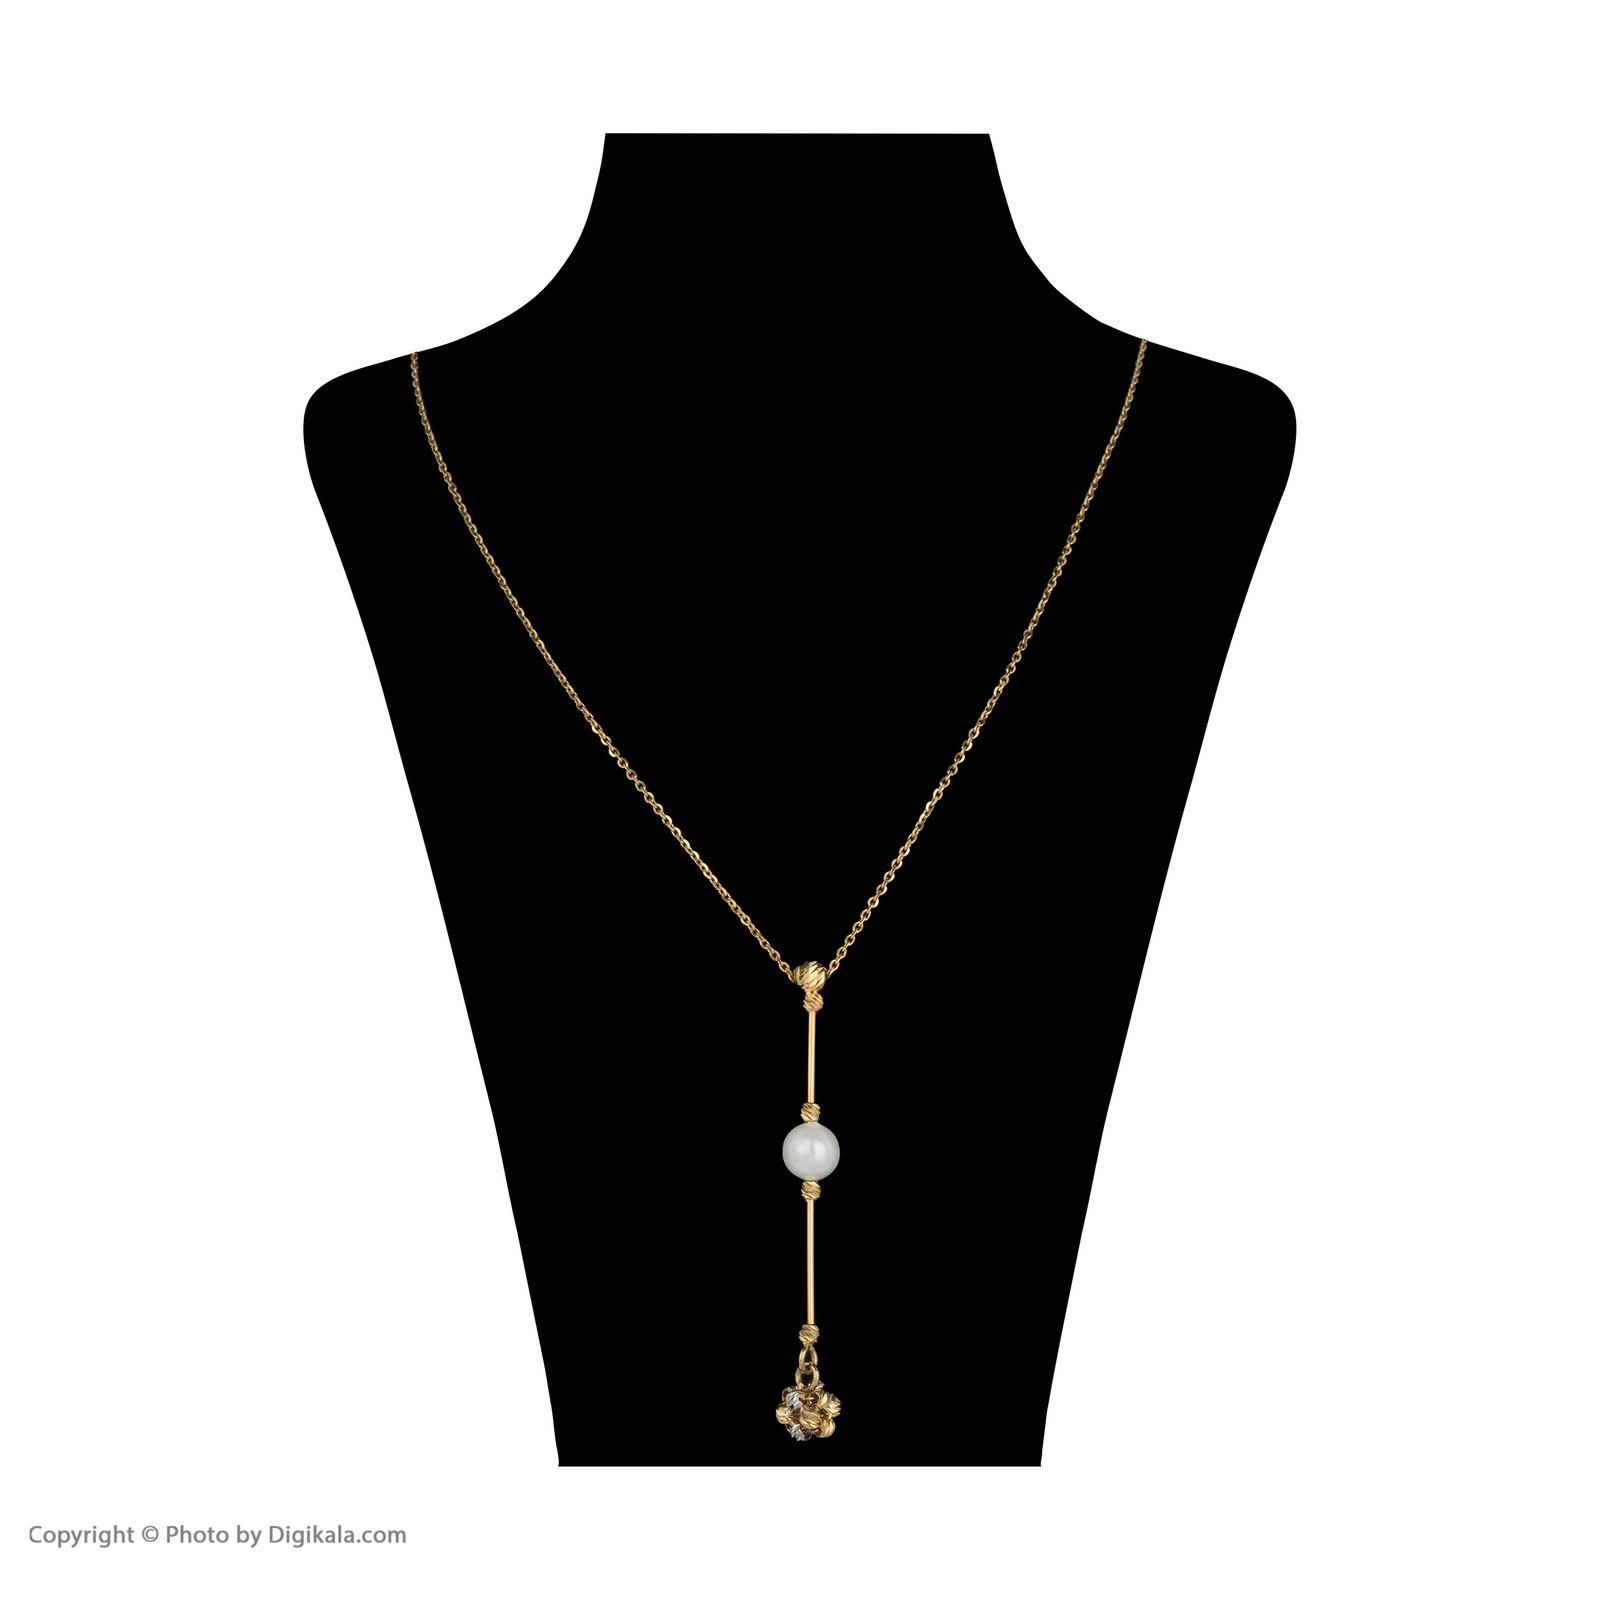 گردنبند طلا 18 عیار زنانه سیودو مدل 144604 -  - 3